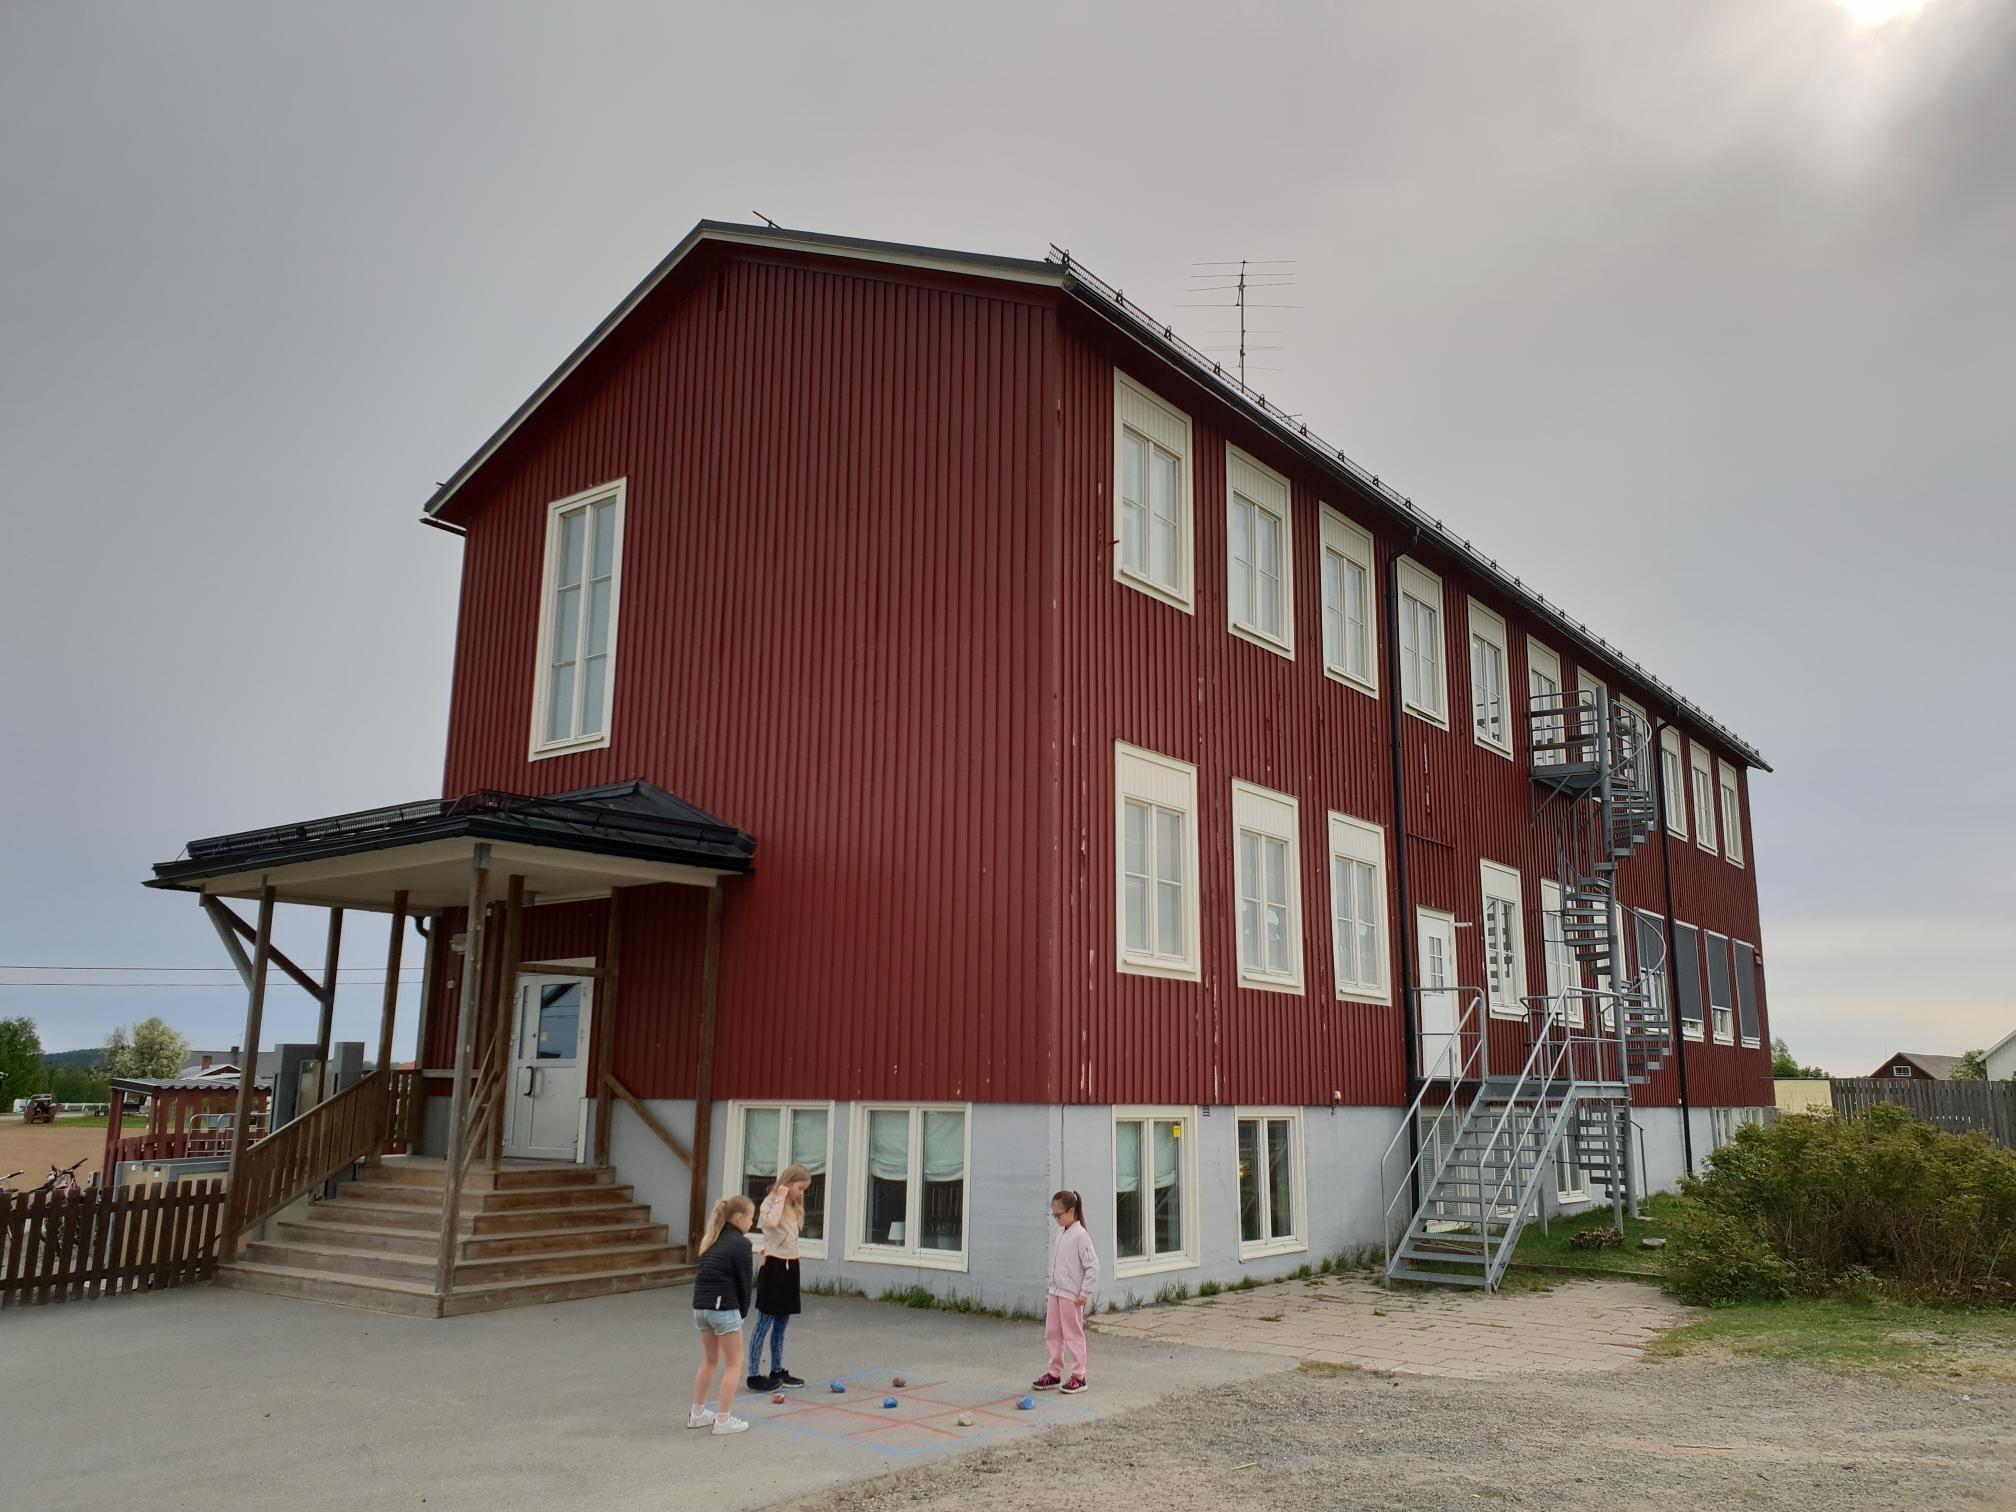 Röd skolbyggnad med tre barn framför.